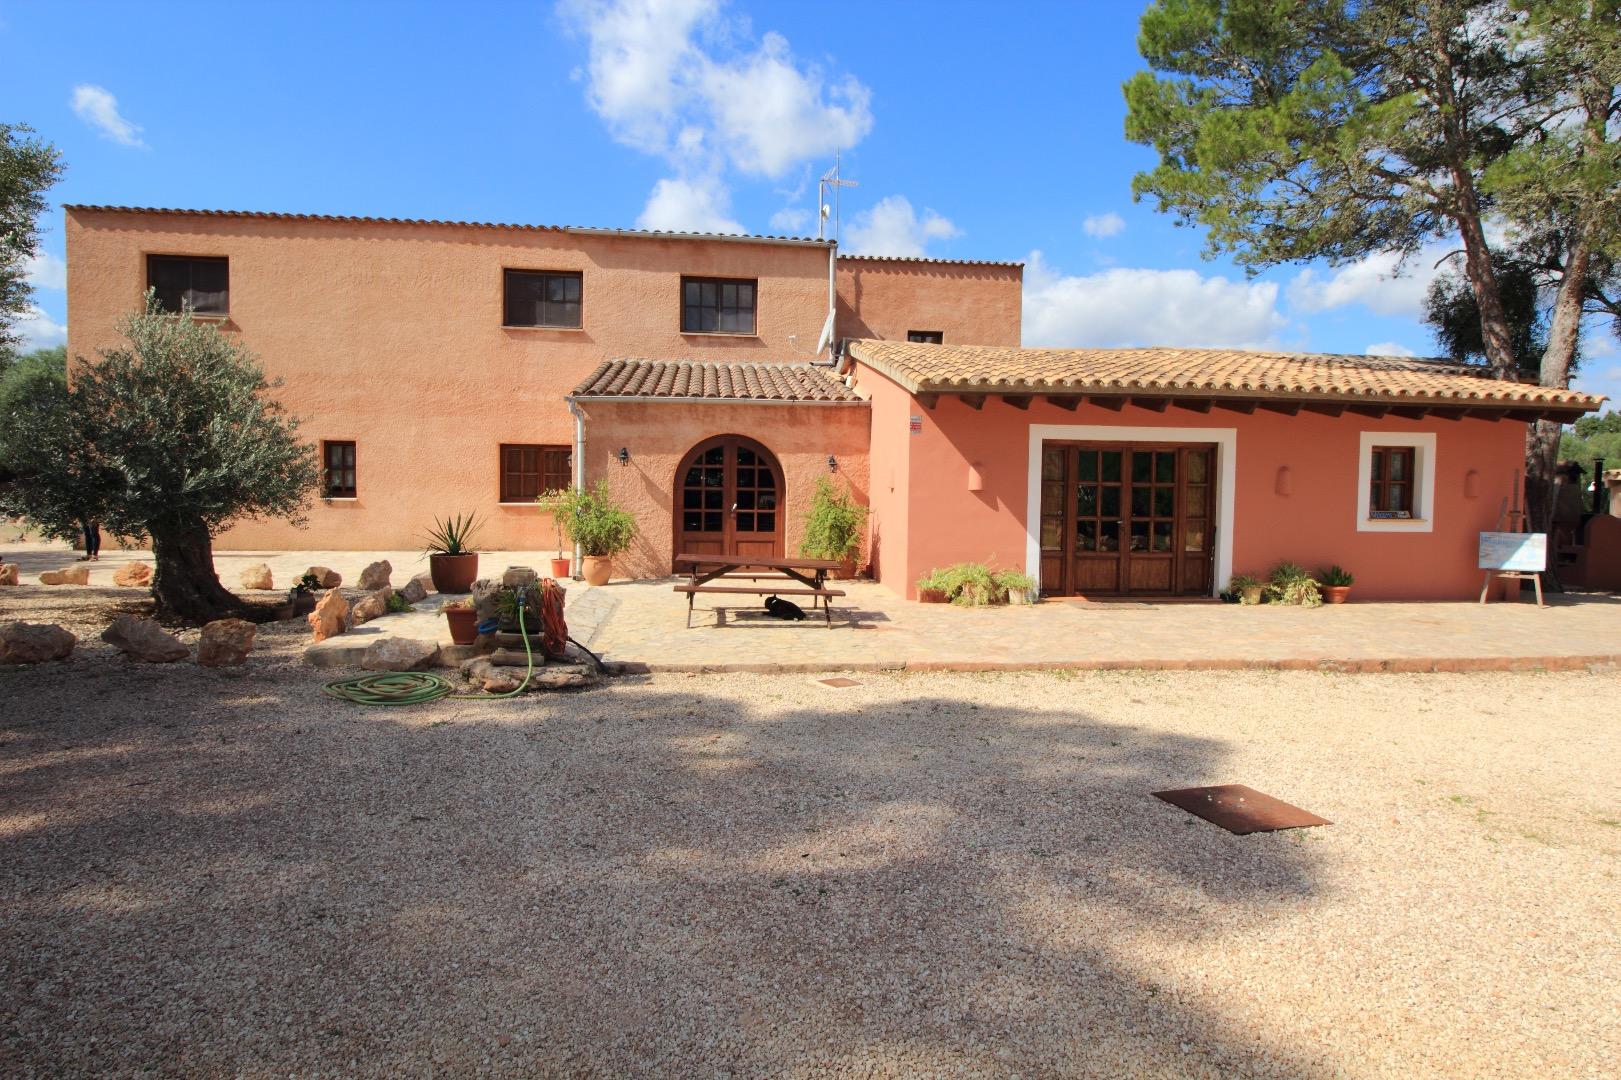 Holiday lettings House  Camino son lluch. Espectacular villa de alto standing en una área muy privada, la